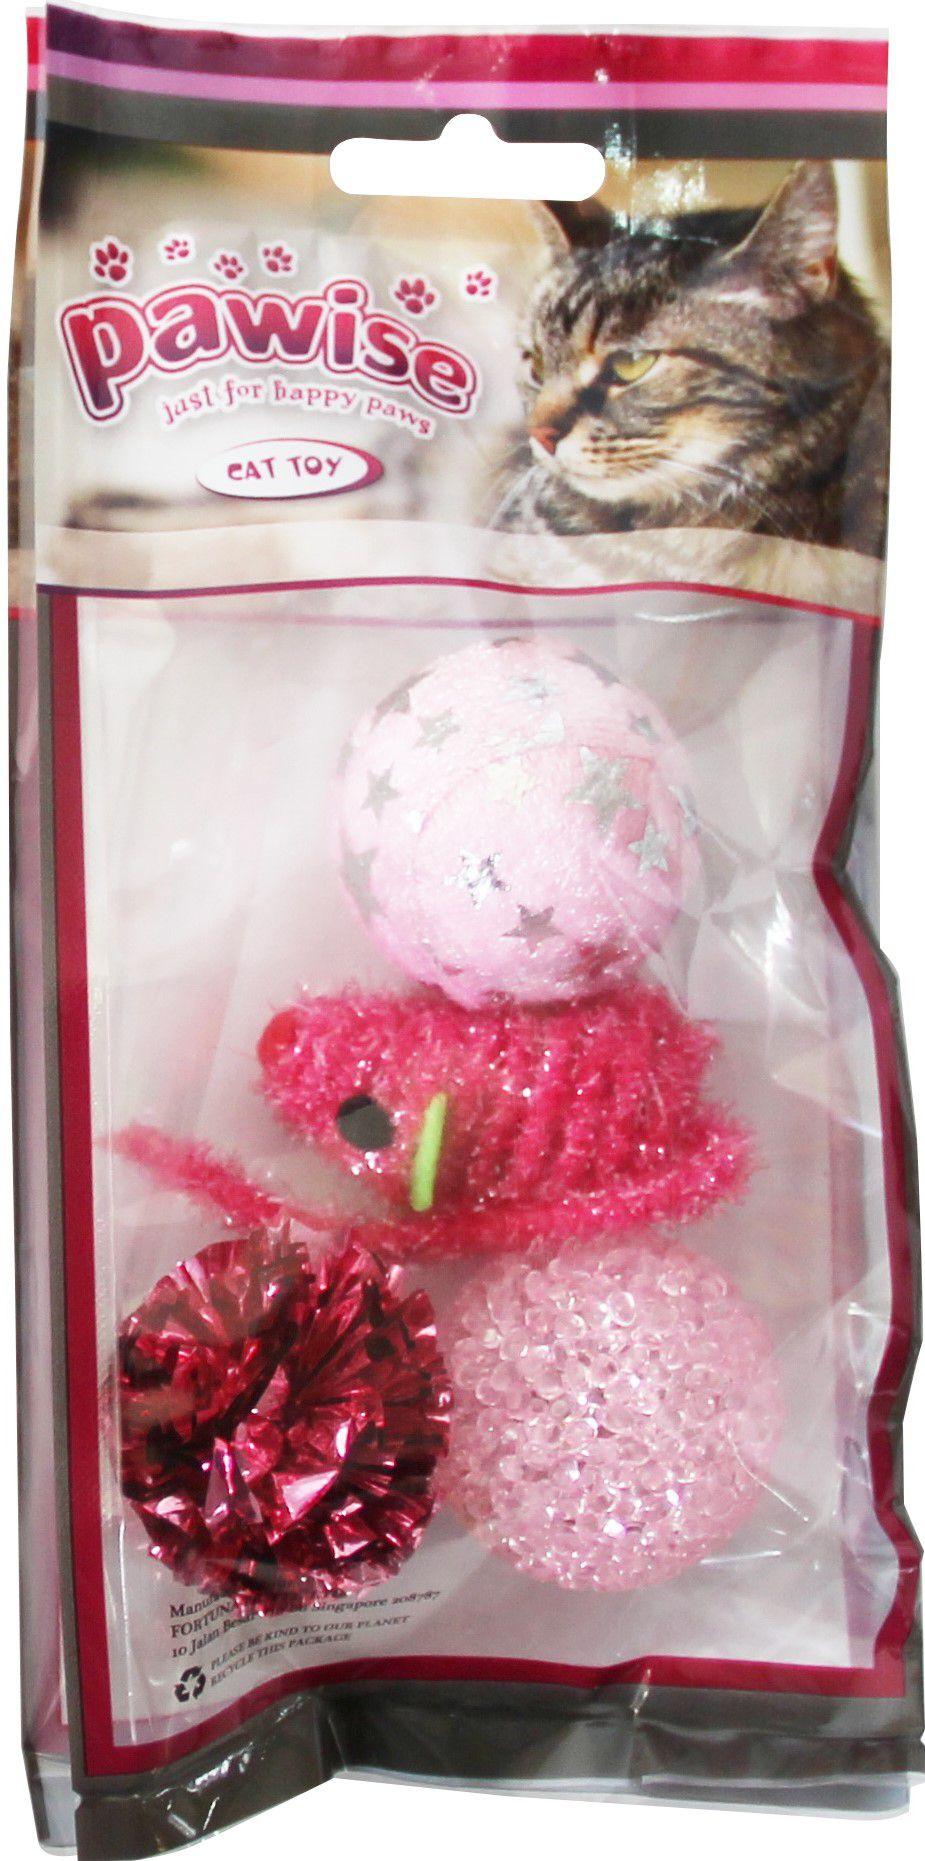 Kit 6 Brinquedos para Gato com Varinha Bola e Peixe Pawise